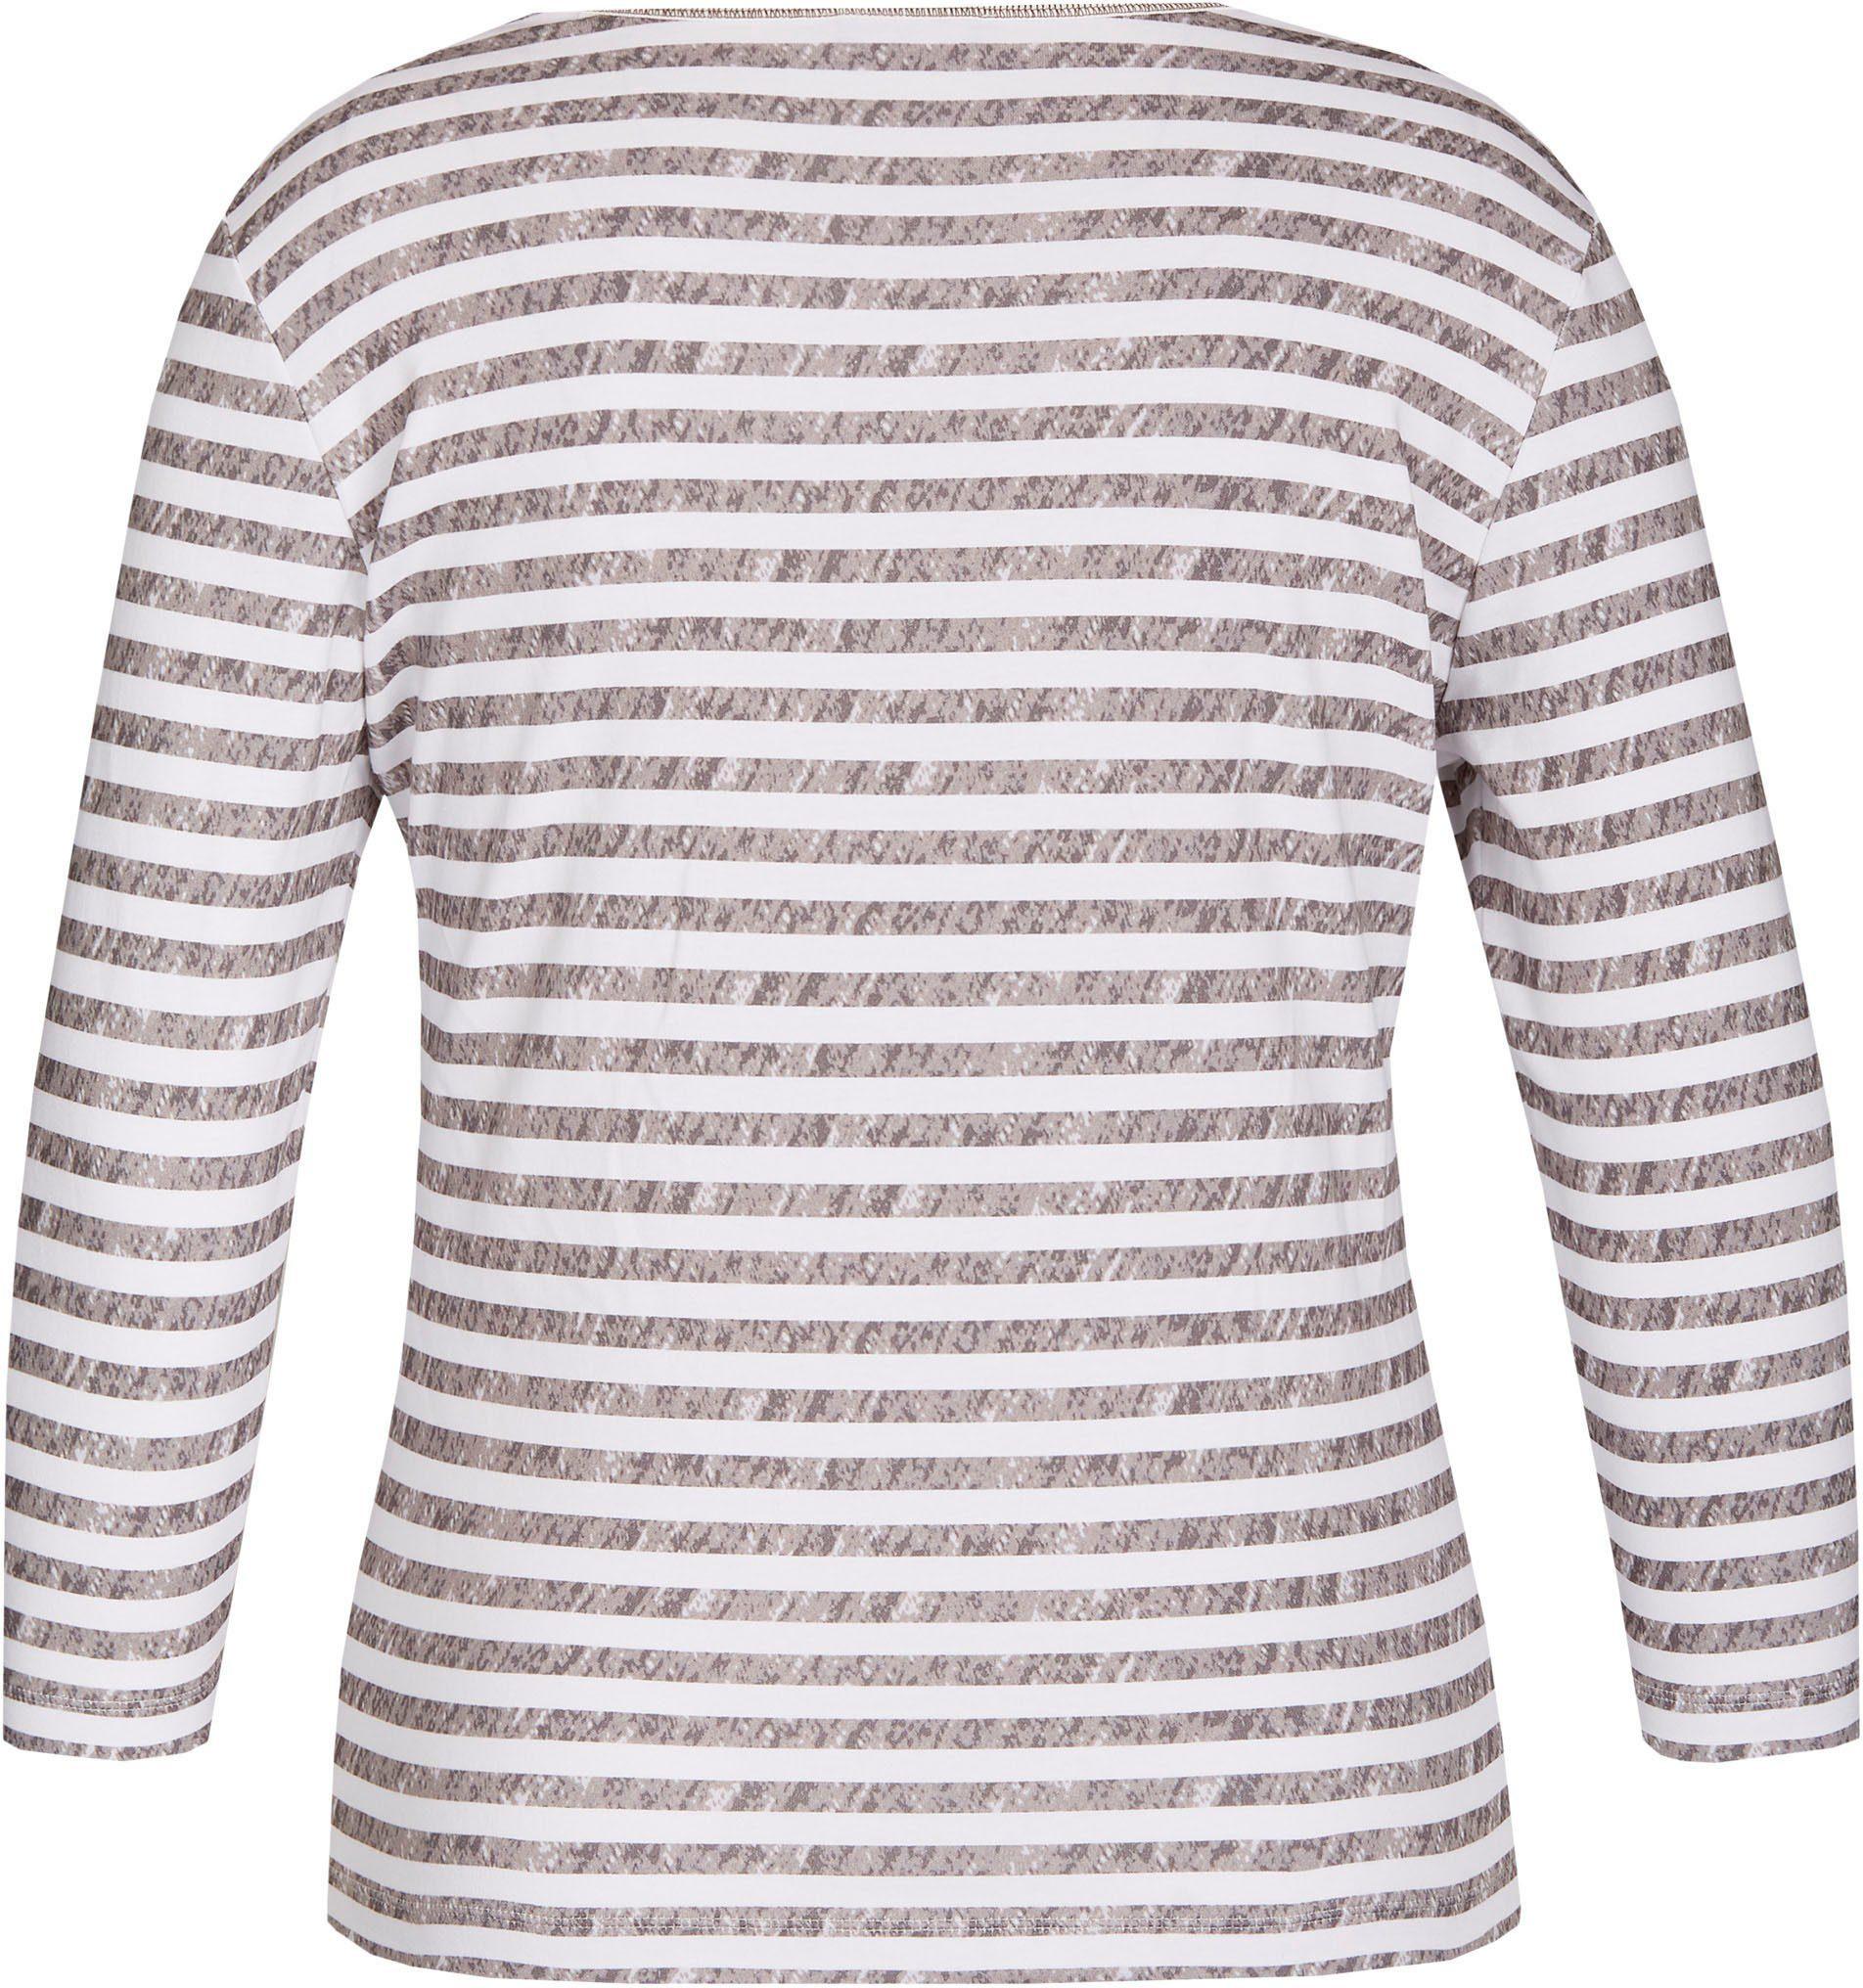 Rabe Print-Shirt, Feminines Shirt mit Ringeln in Melange-Optik